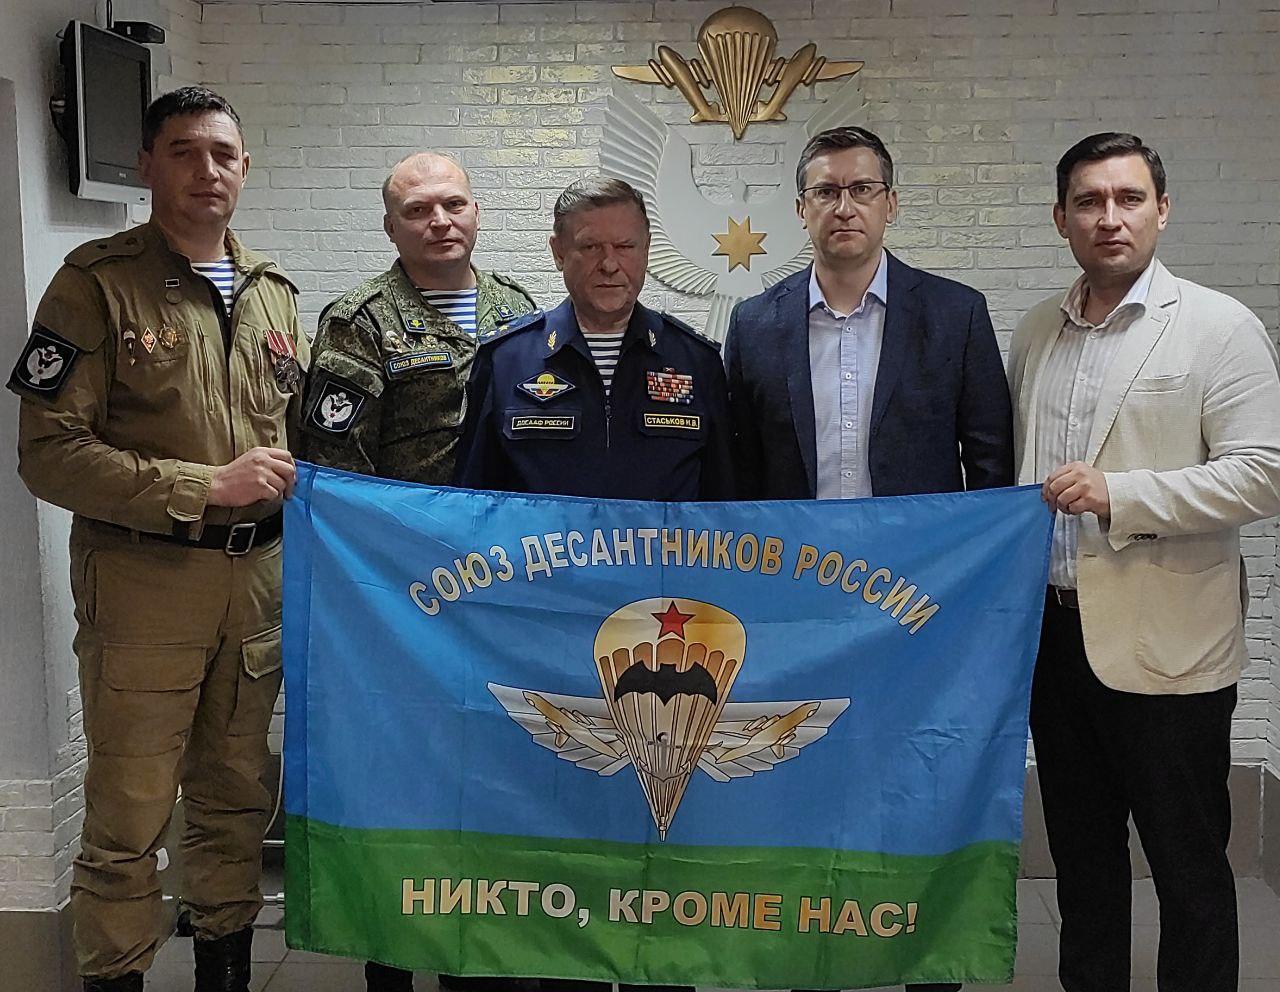 Руководители «Союза десантников Удмуртии» поделились планами дальнейшего своего развития с, уважаемыми нами, членами представительной делегации